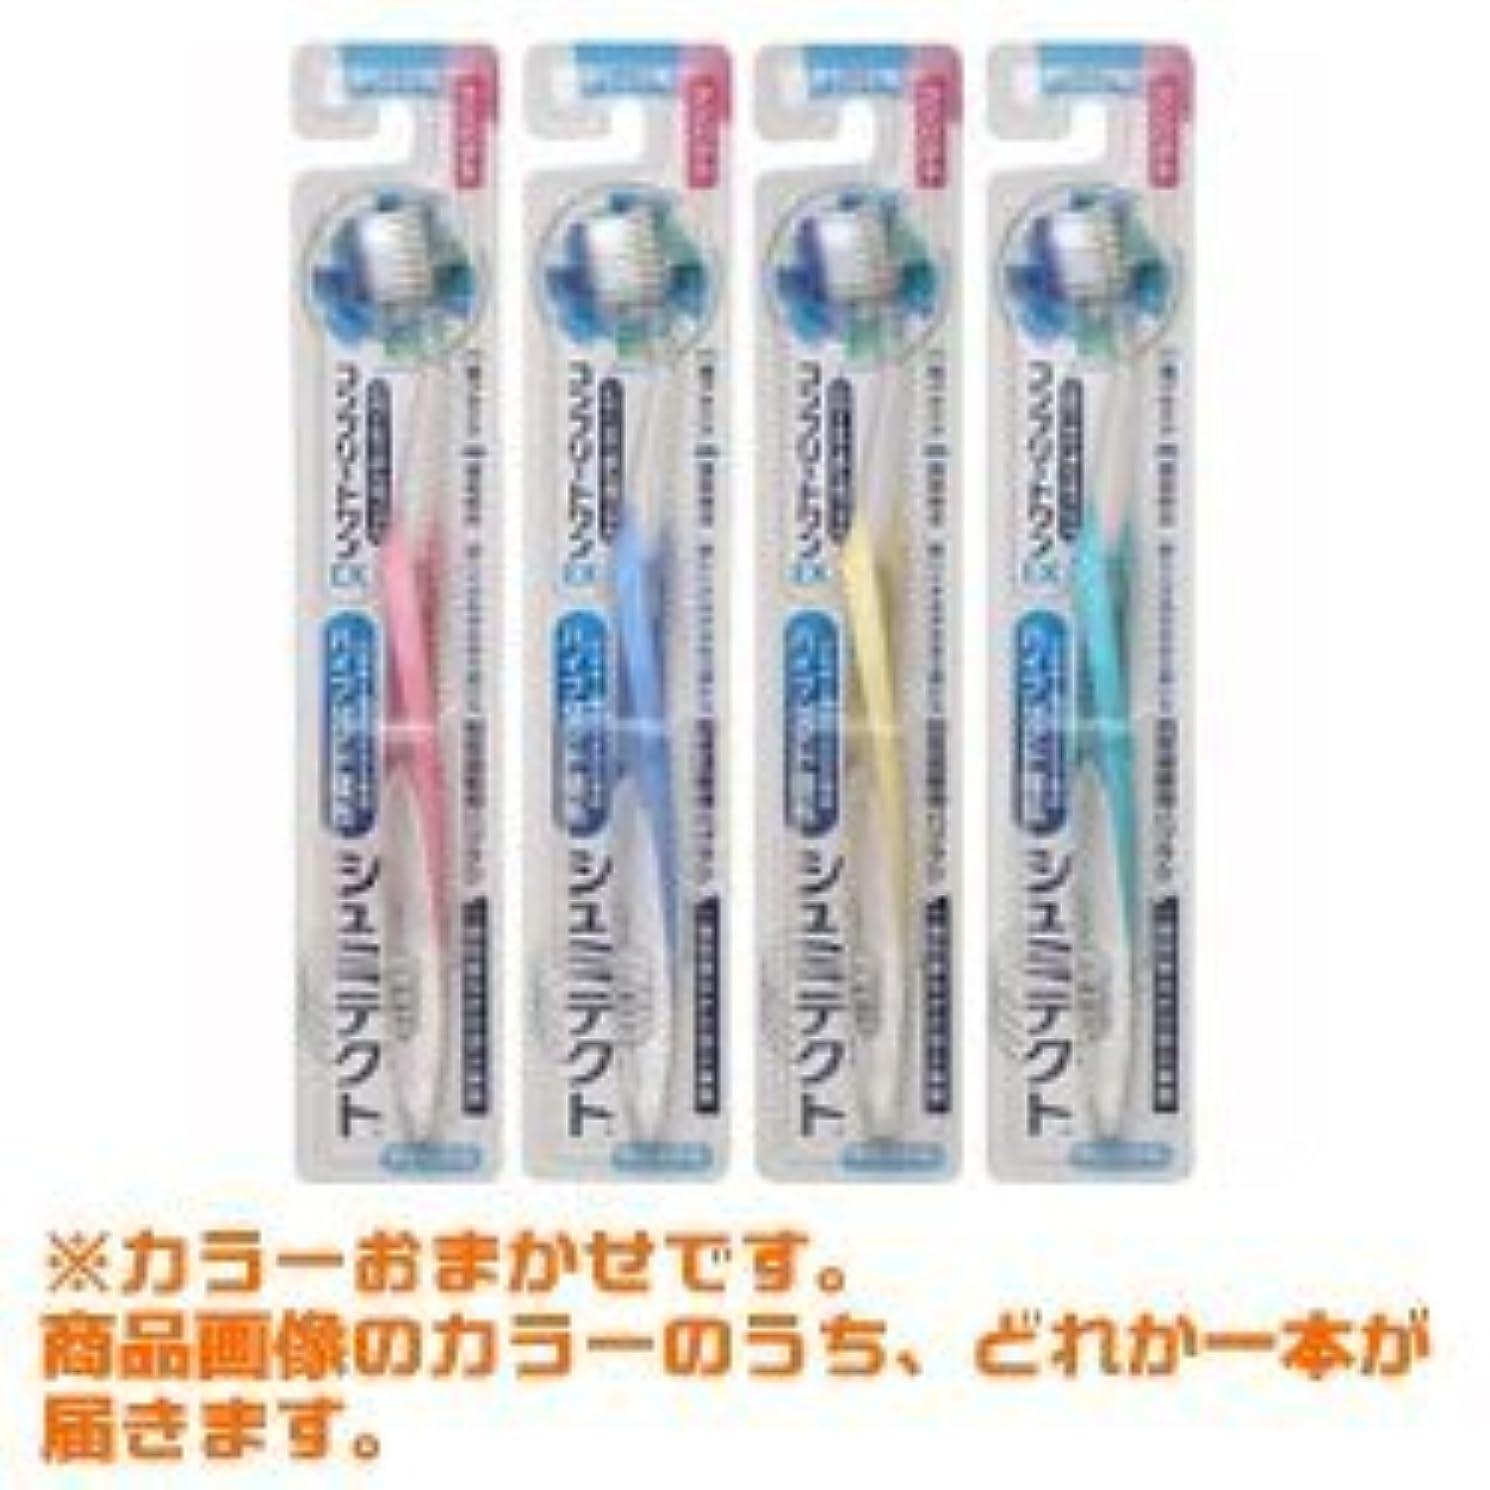 【アース製薬】シュミテクトコンプリートワンEXハブラシコンパクト やわらかめ 1本 (カラーおまかせ) ×20個セット